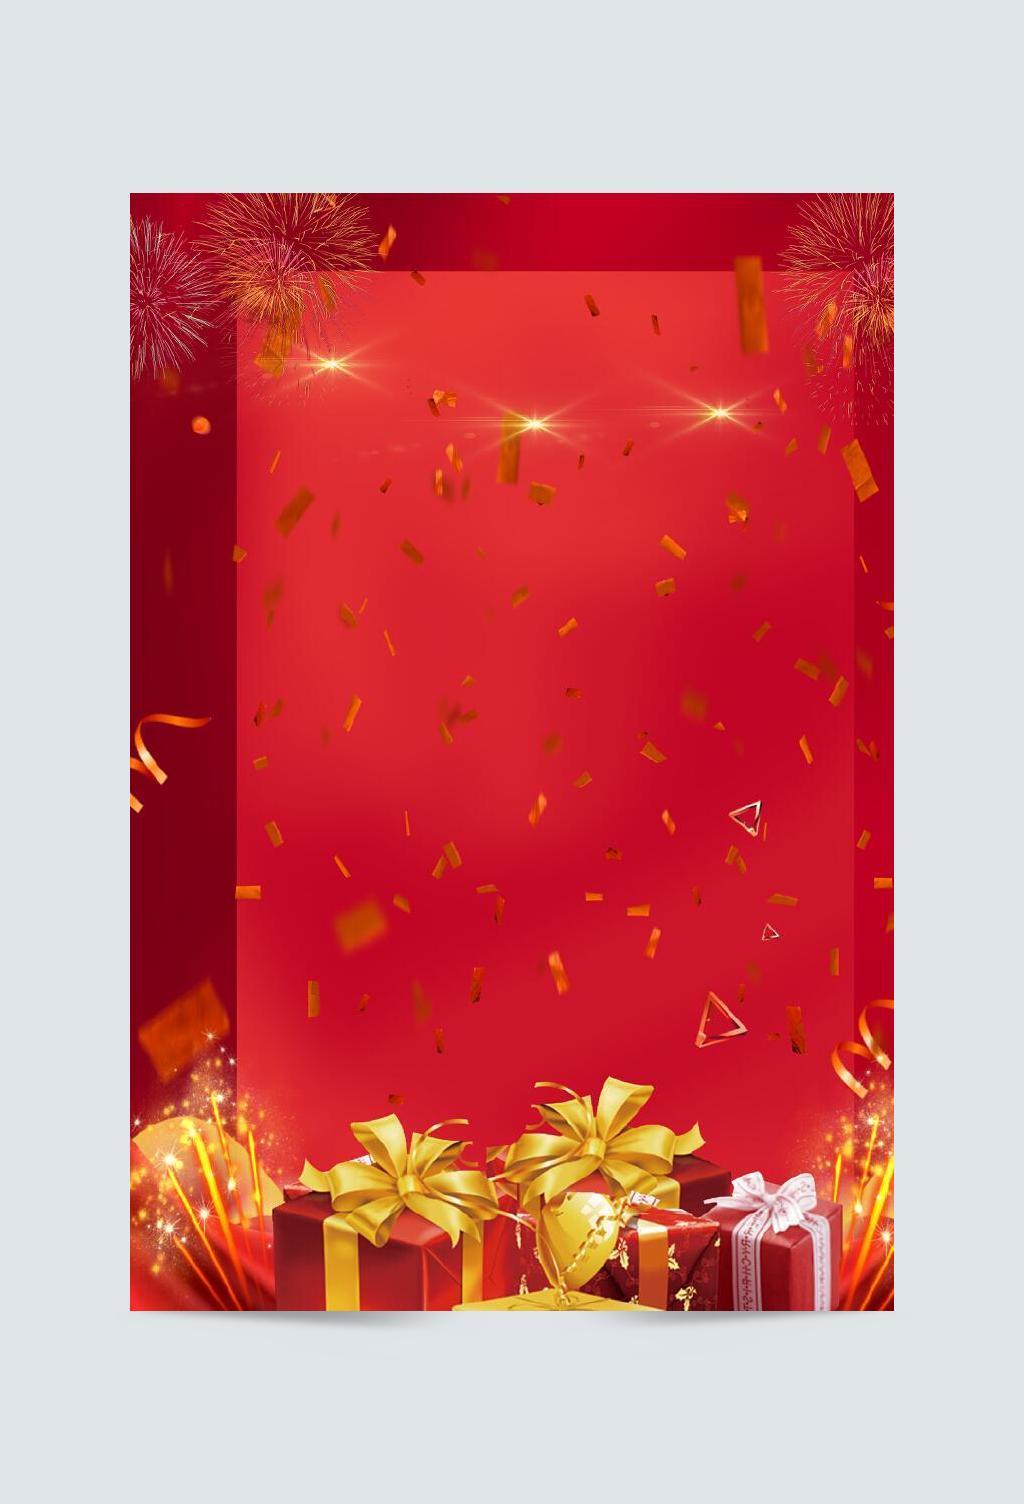 周年庆典红色喜庆背景